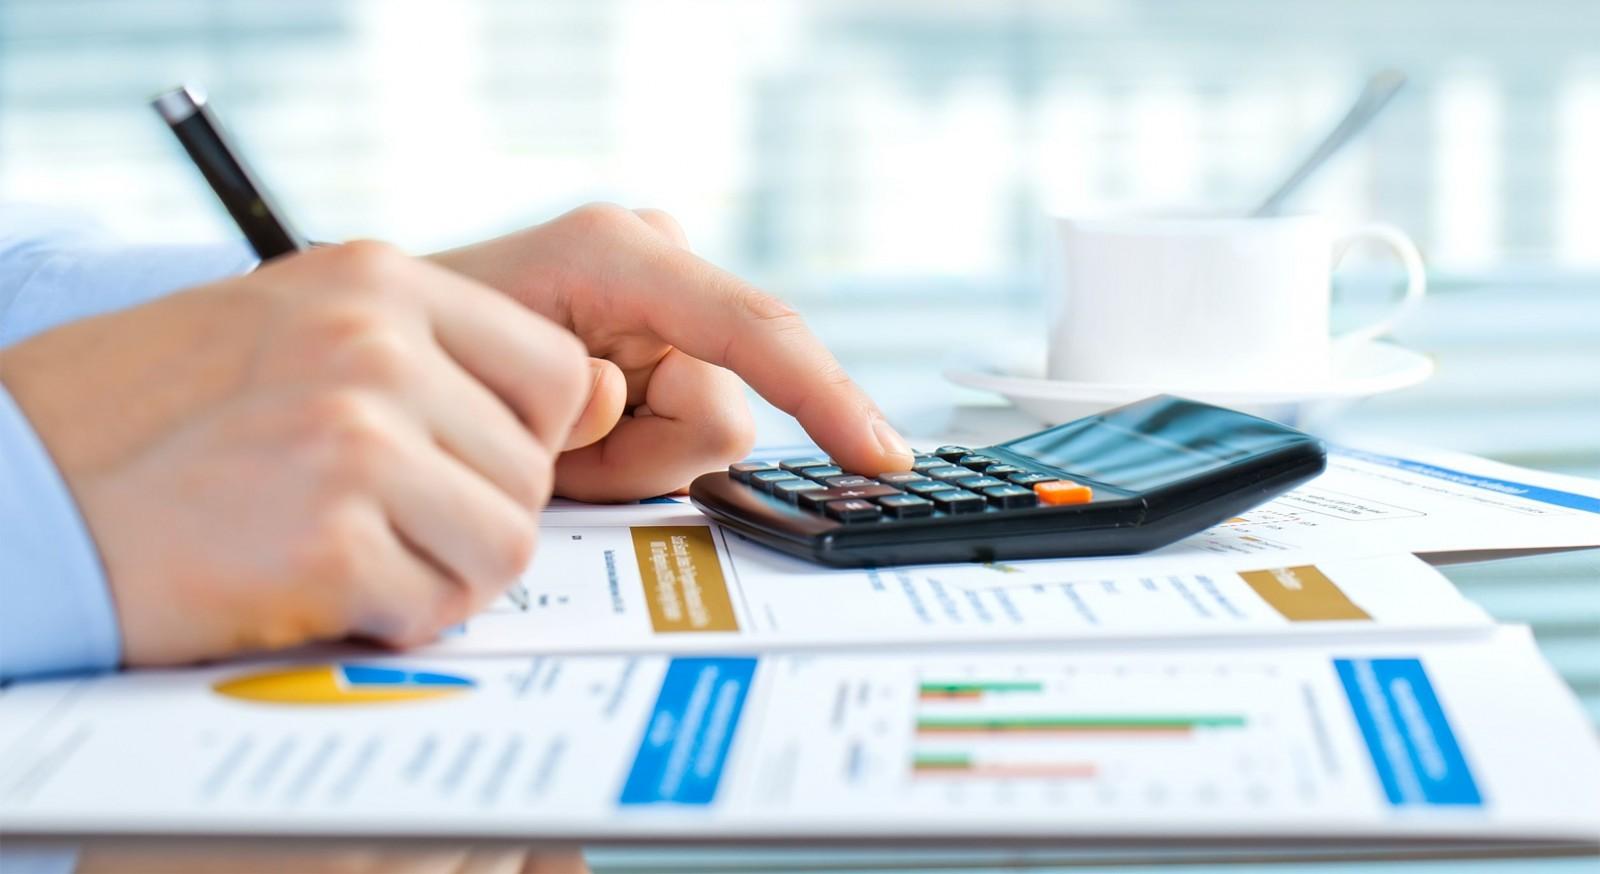 «СиСиЛоун.кз»: лидер на рынке микрокредитования